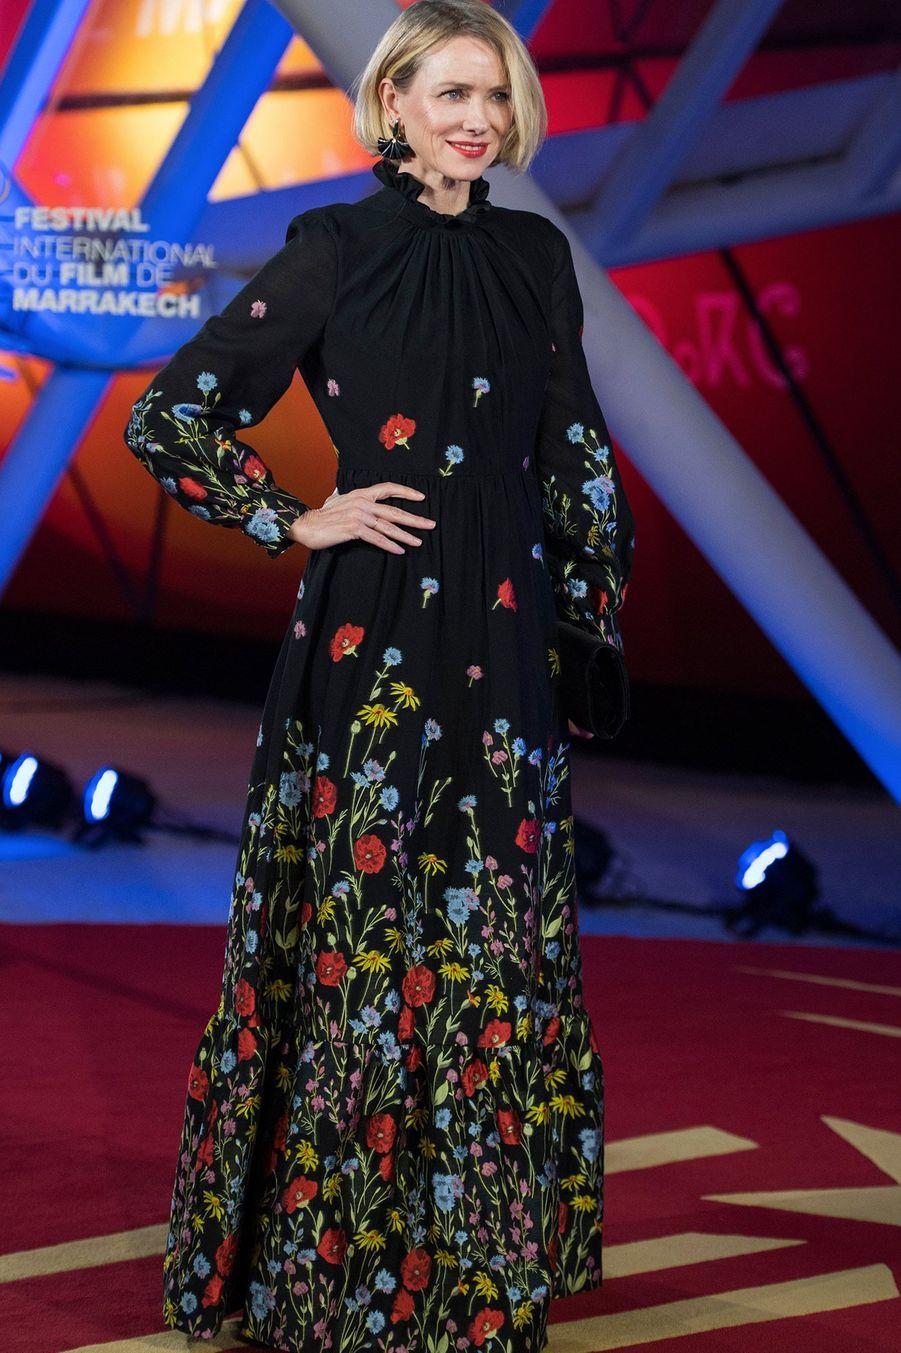 Naomi Watts,à l'ouverture du festival international du film deMarrakech, le 29 novembre 2019.